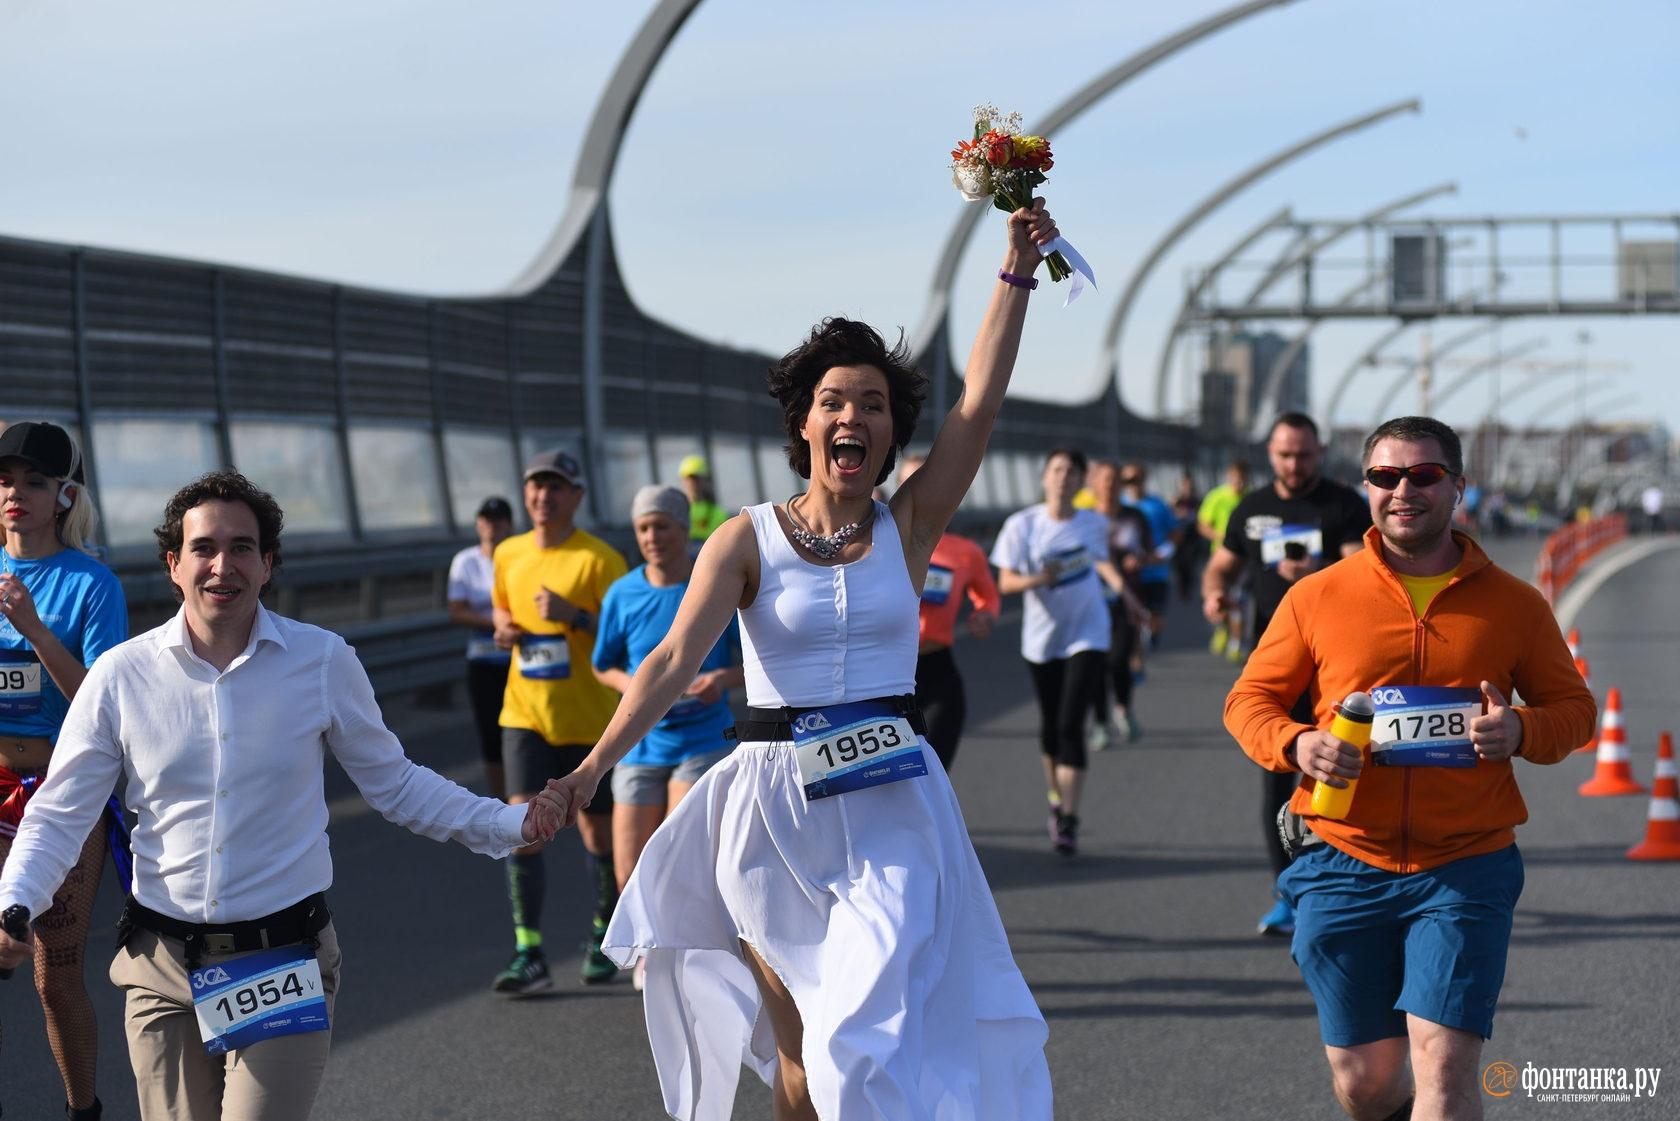 На фото: бегущая певица Маша Кудрявцева.